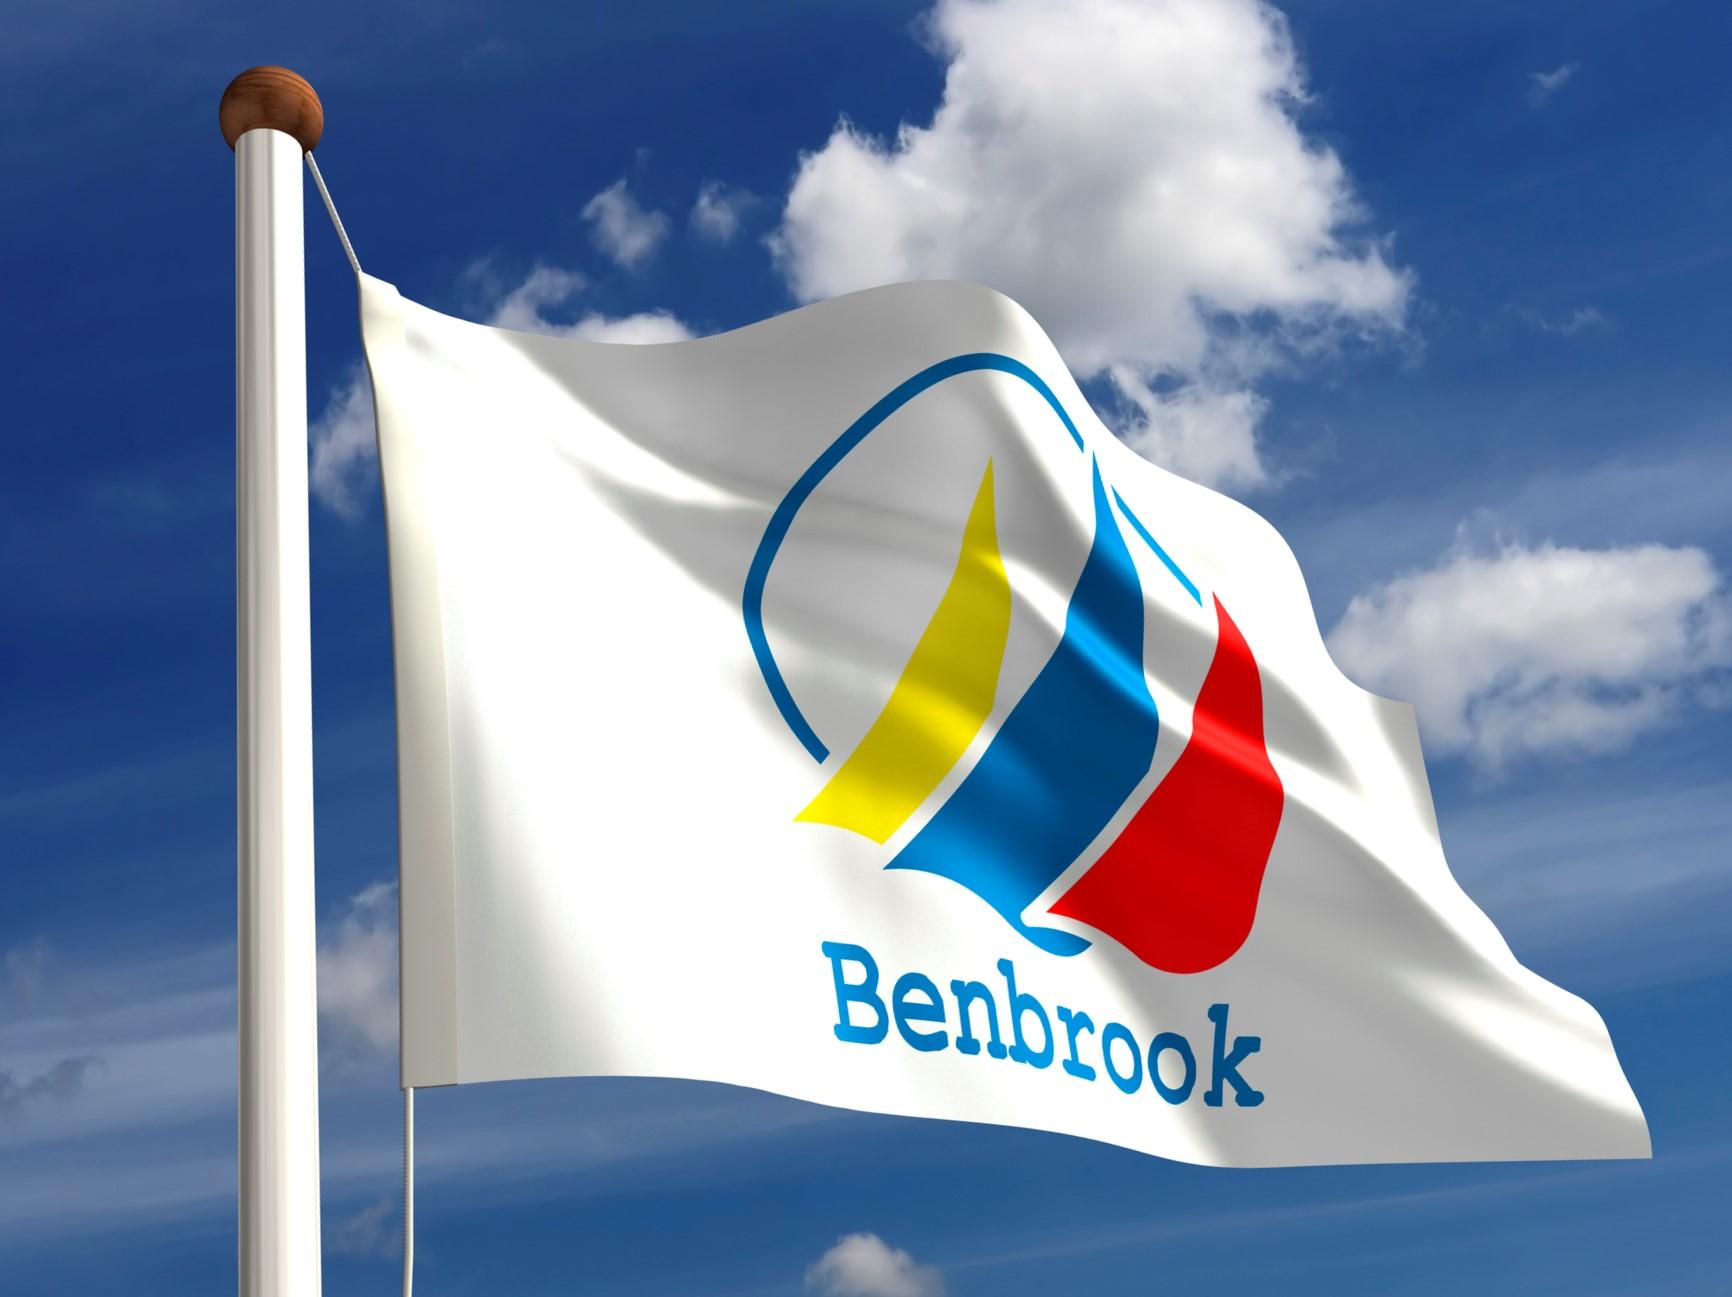 Benbrook TX